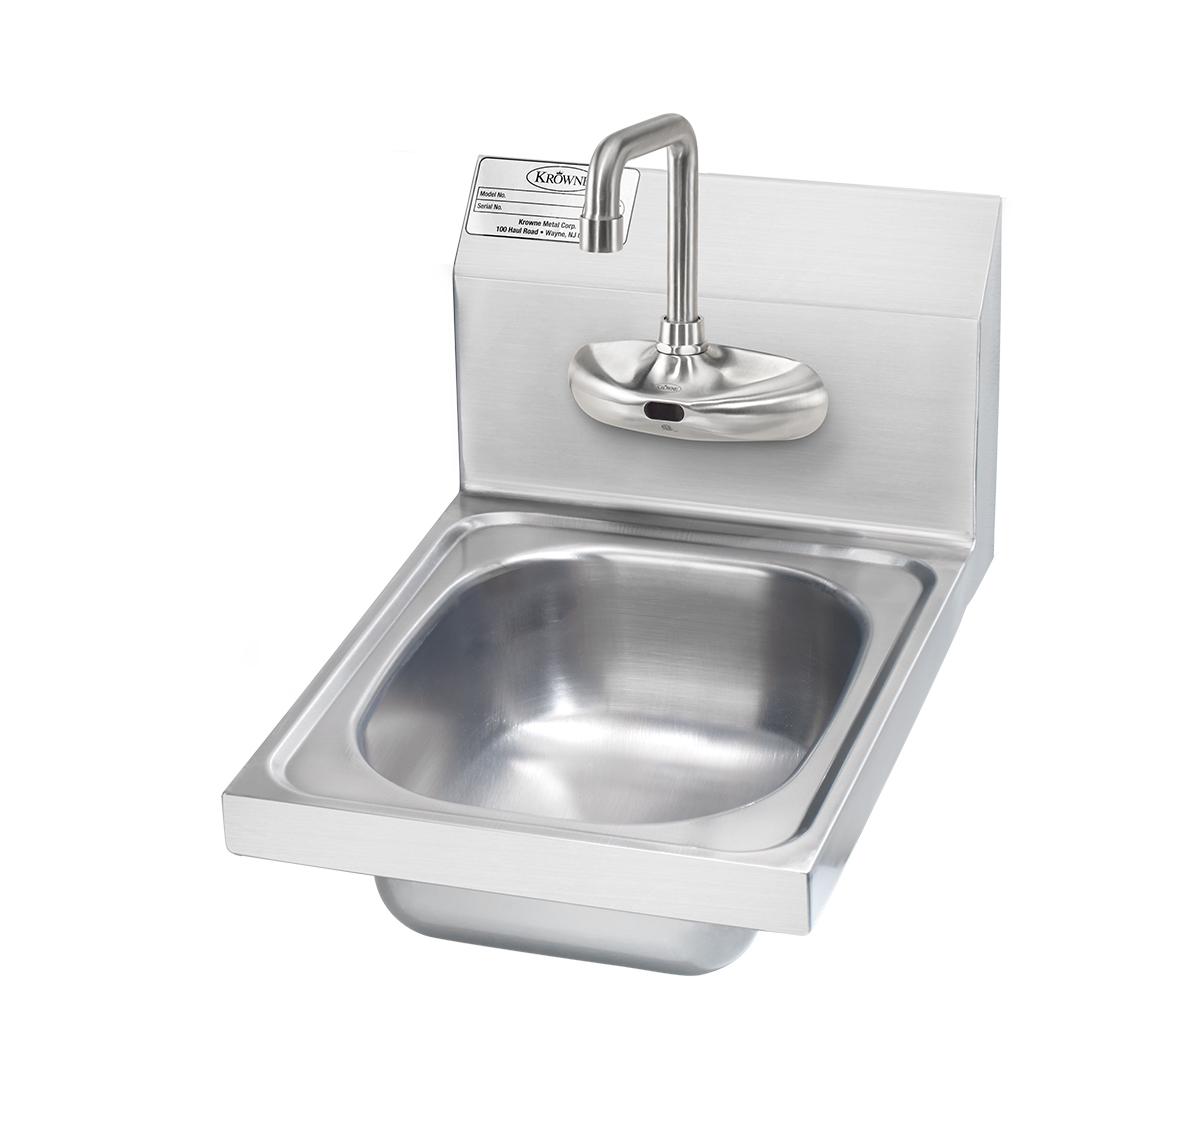 Krowne Metal HS-64 hand sinks